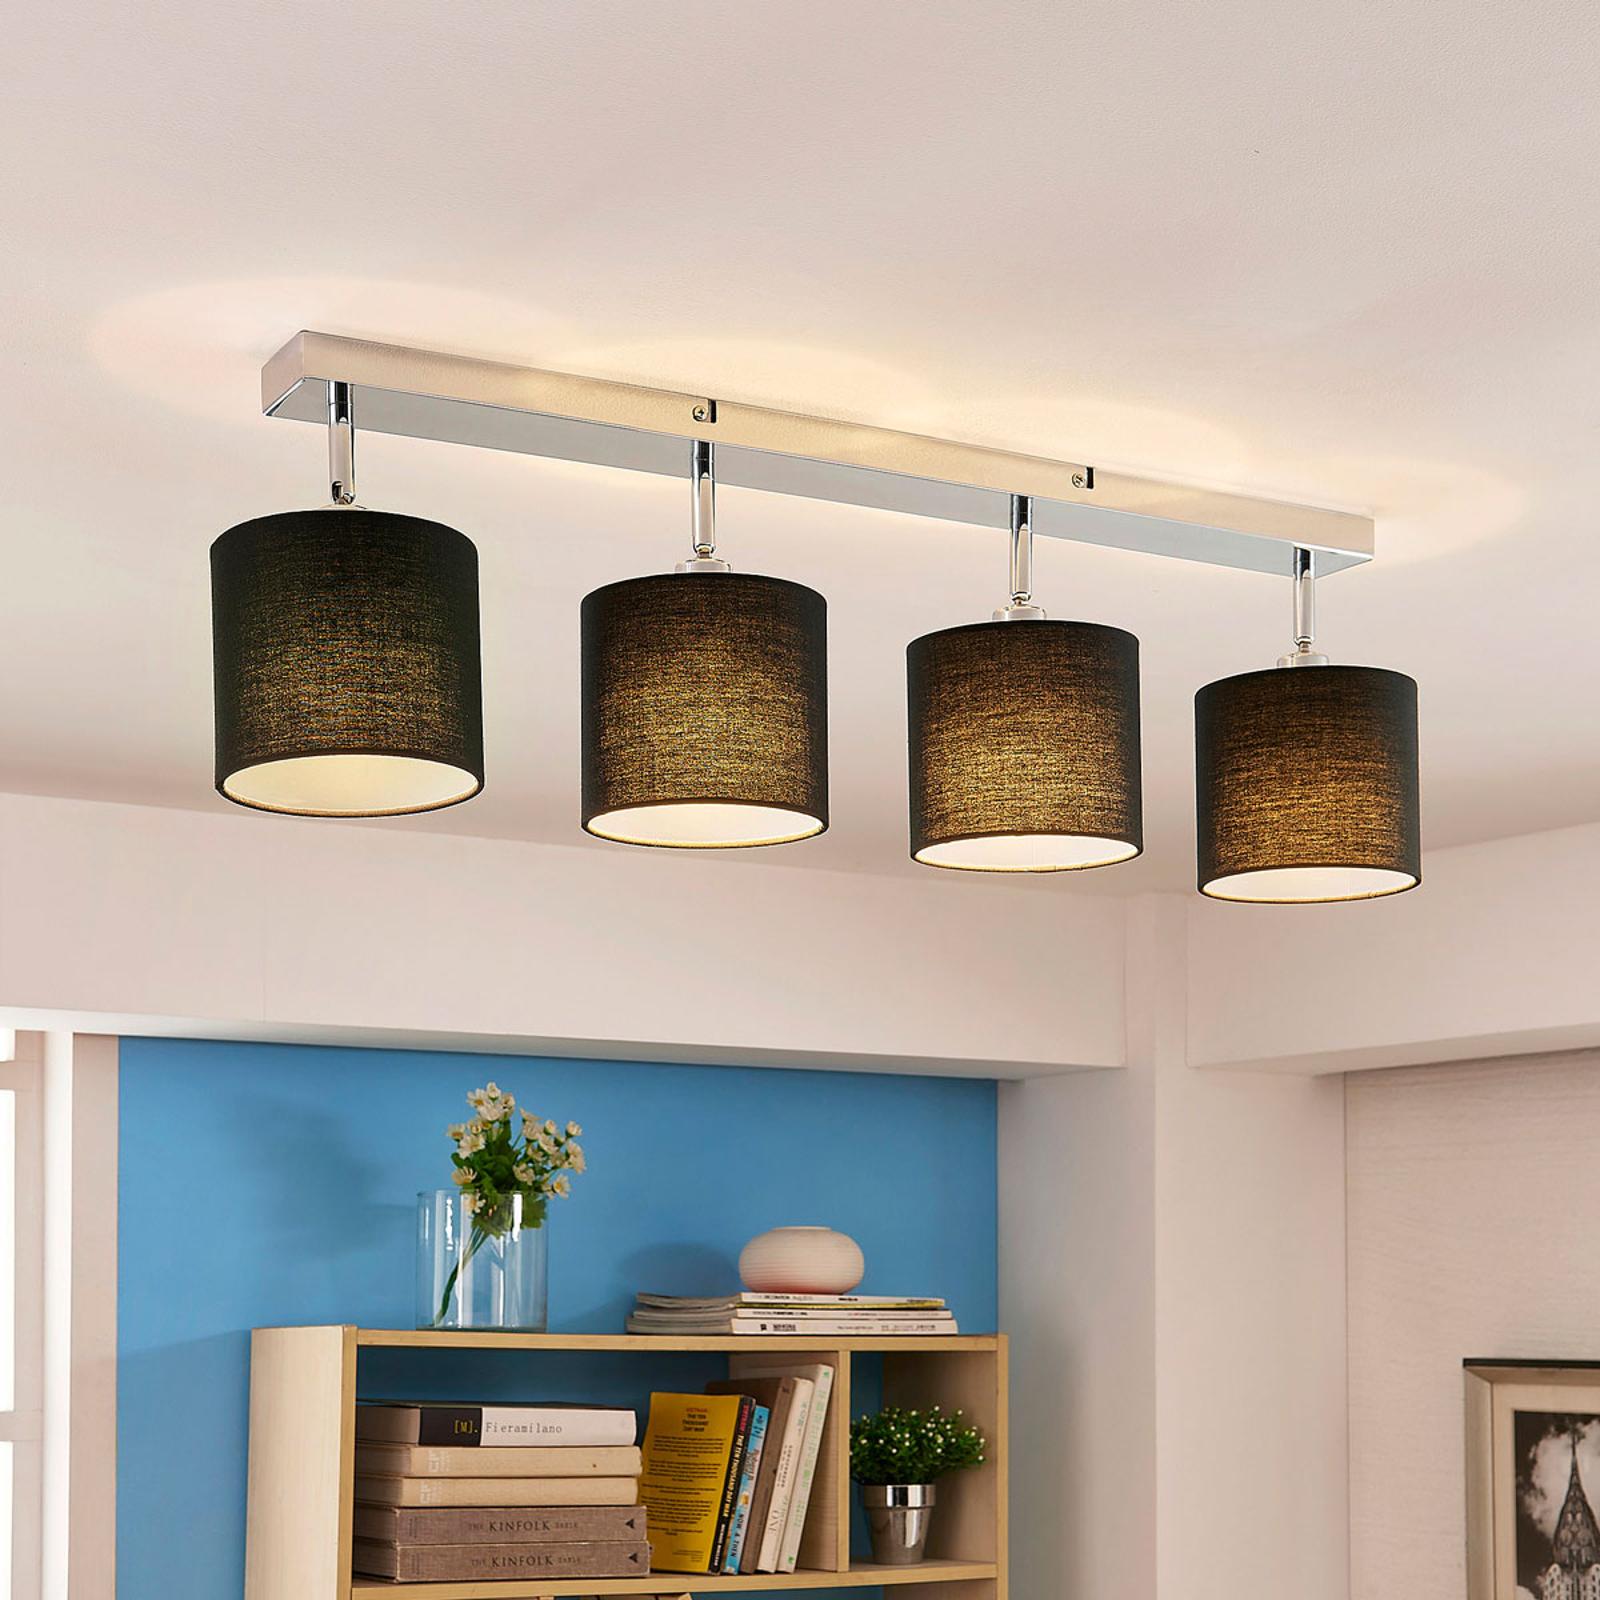 LED-Deckenlampe mit Stoffschirm, 4-flammig schwarz